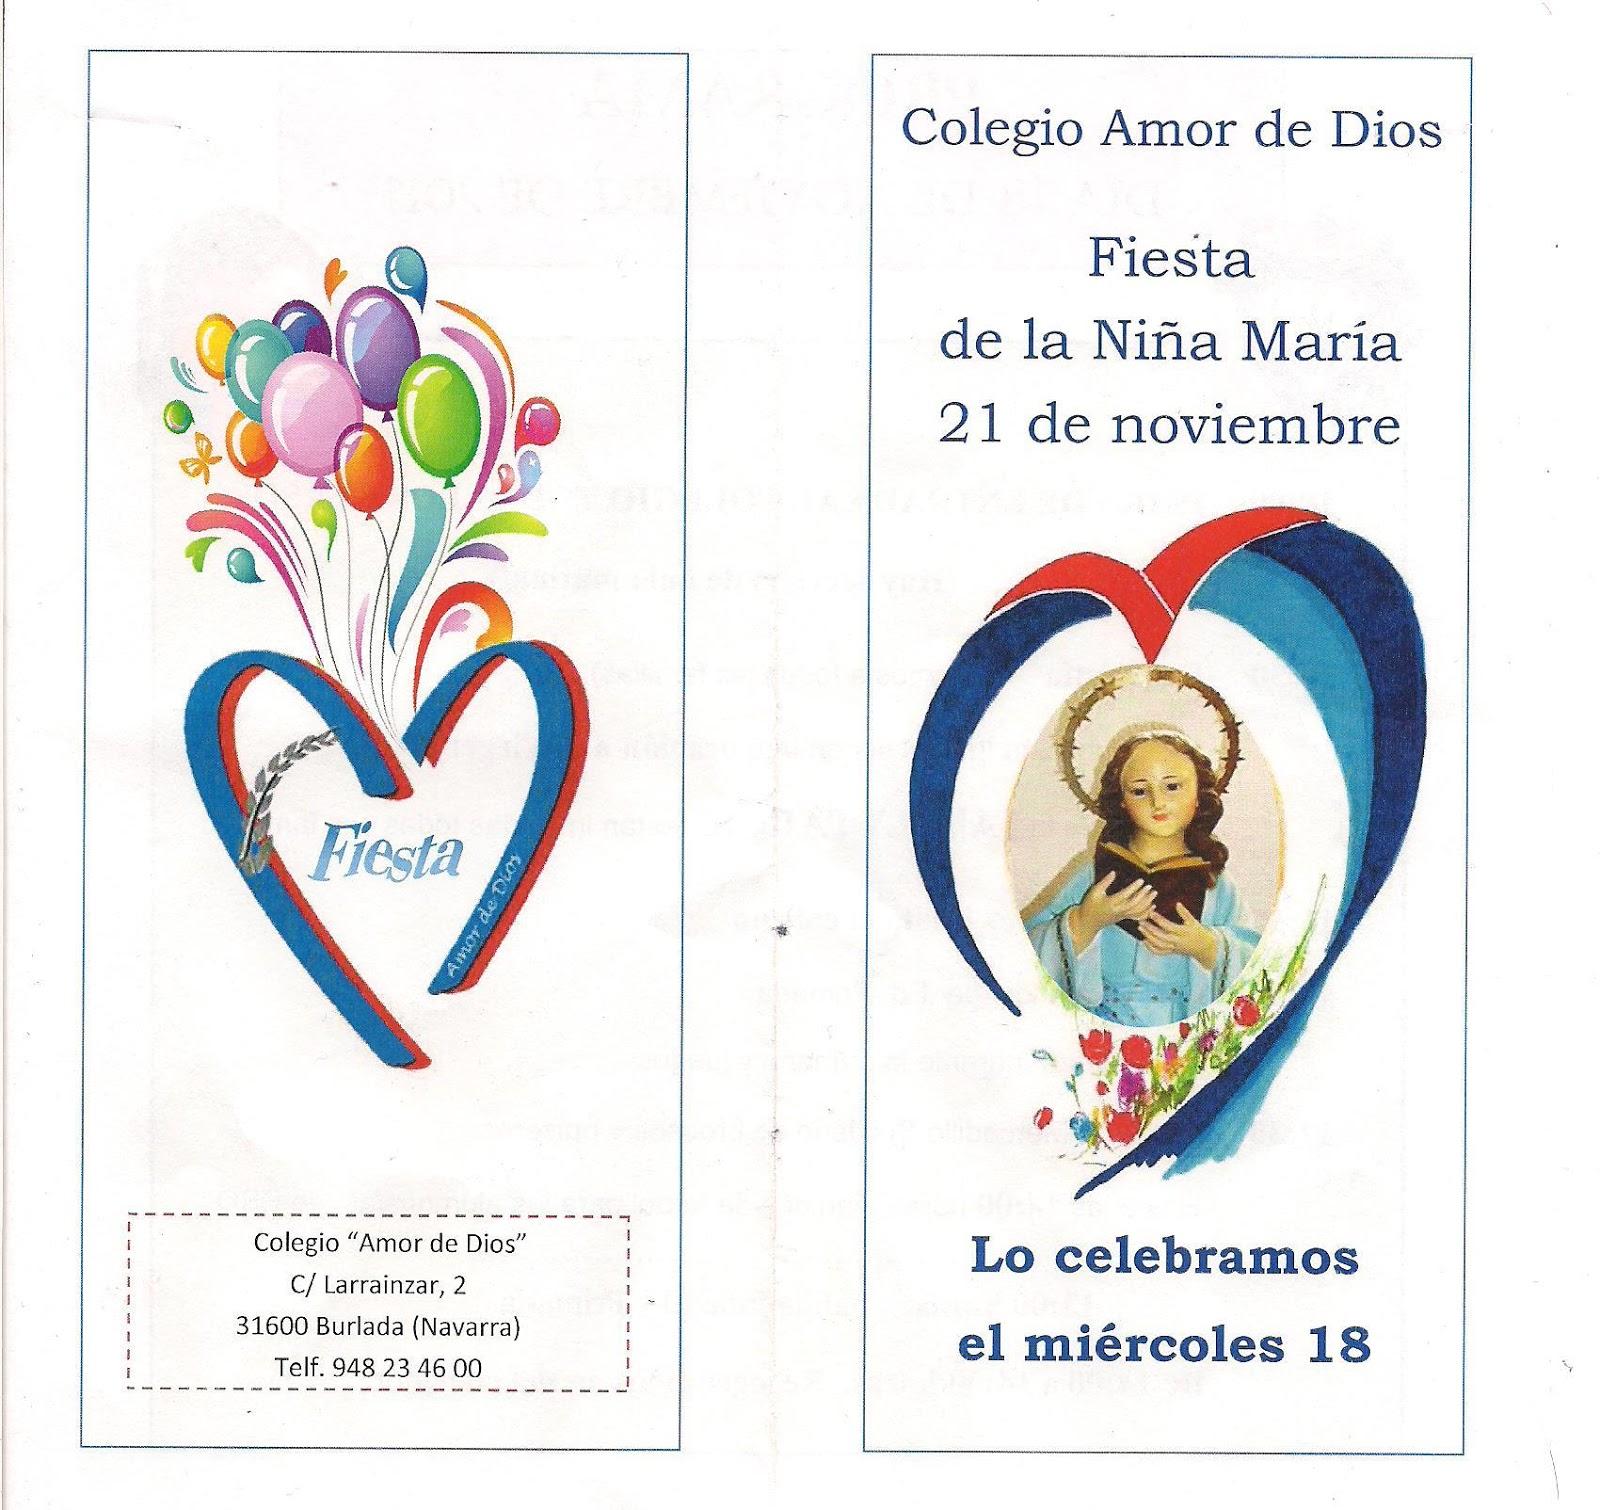 Colegio amor de dios burlada celebraci n ni a mar a - Colegio amor de dios oviedo ...